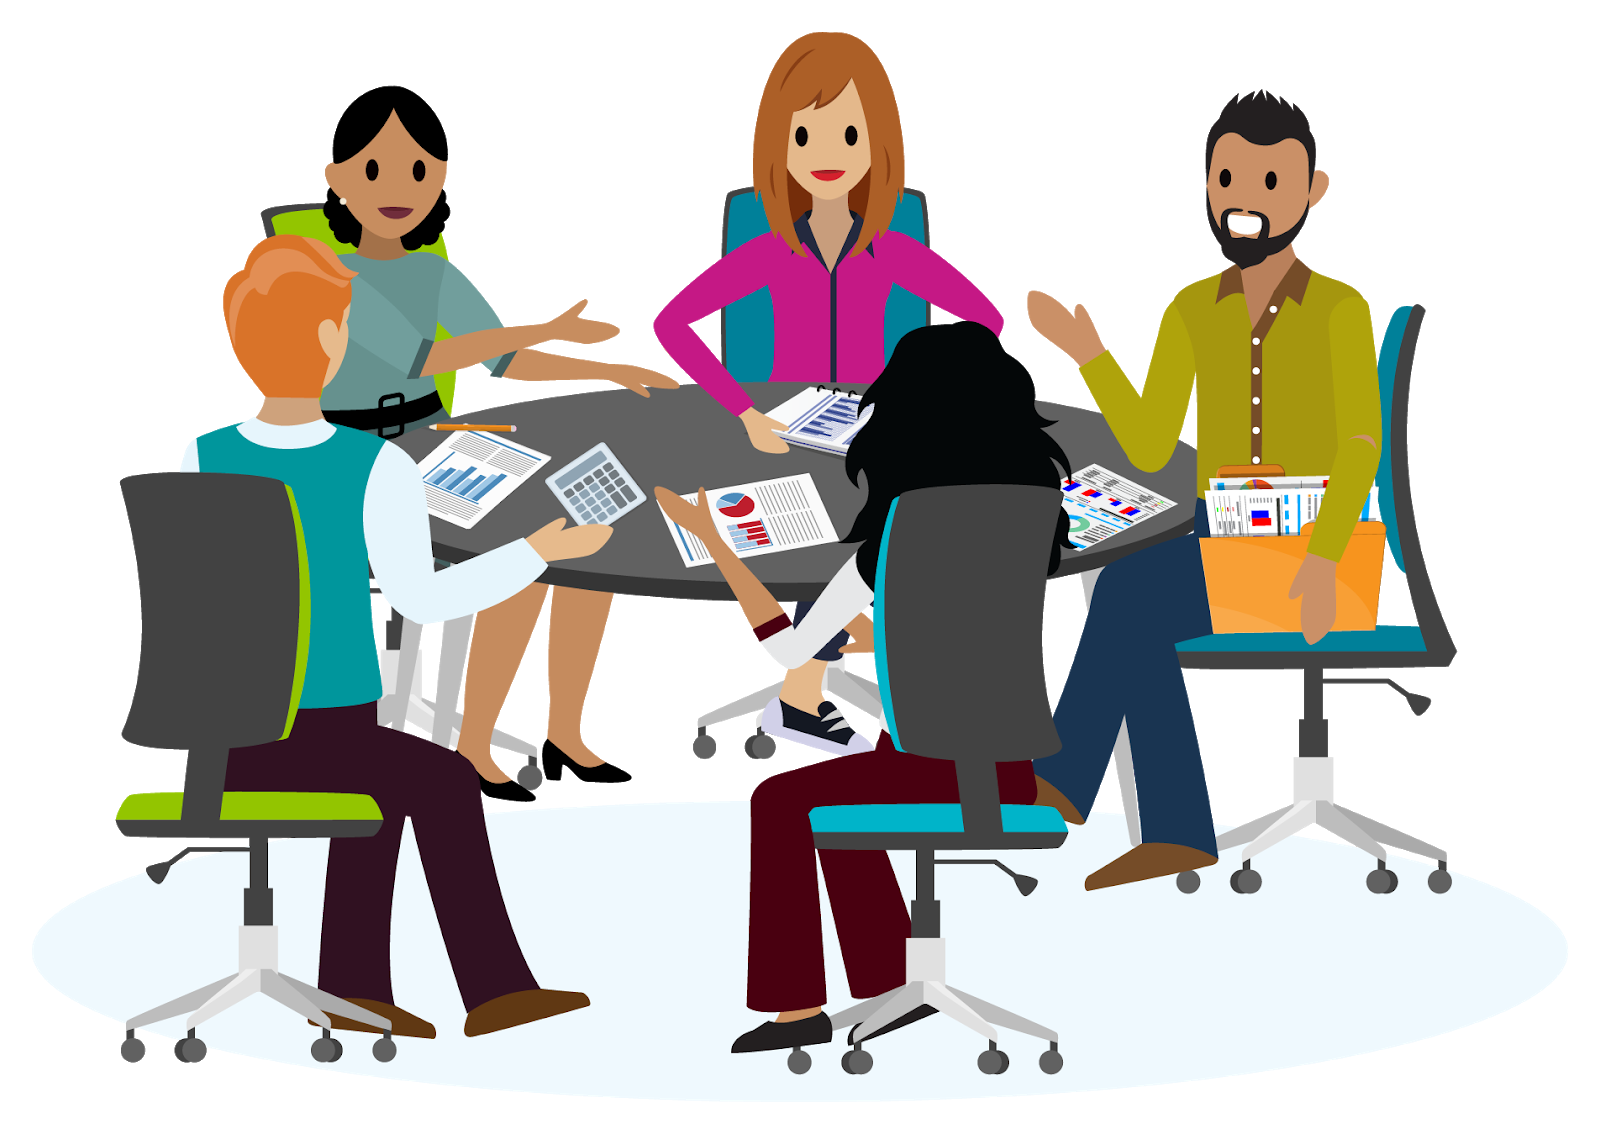 Grupo de 5 pessoas, três mulheres e dois homens, sentados em uma mesa discutindo alguns documentos.